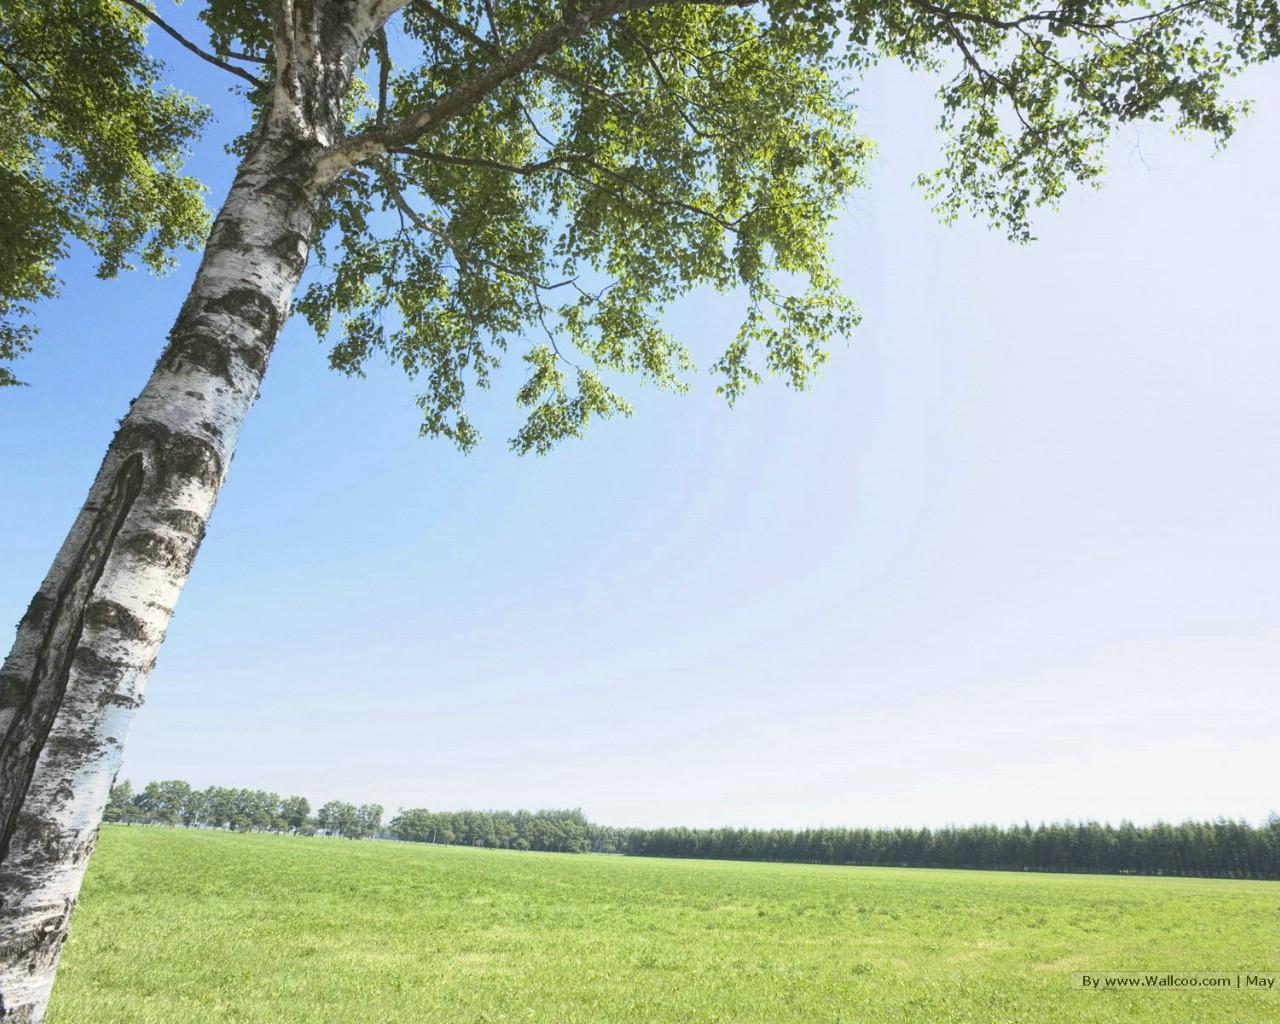 xp蓝天草原(19)-艺术设计-壁纸   蓝天白云草地桌面壁纸 蓝天高清图片